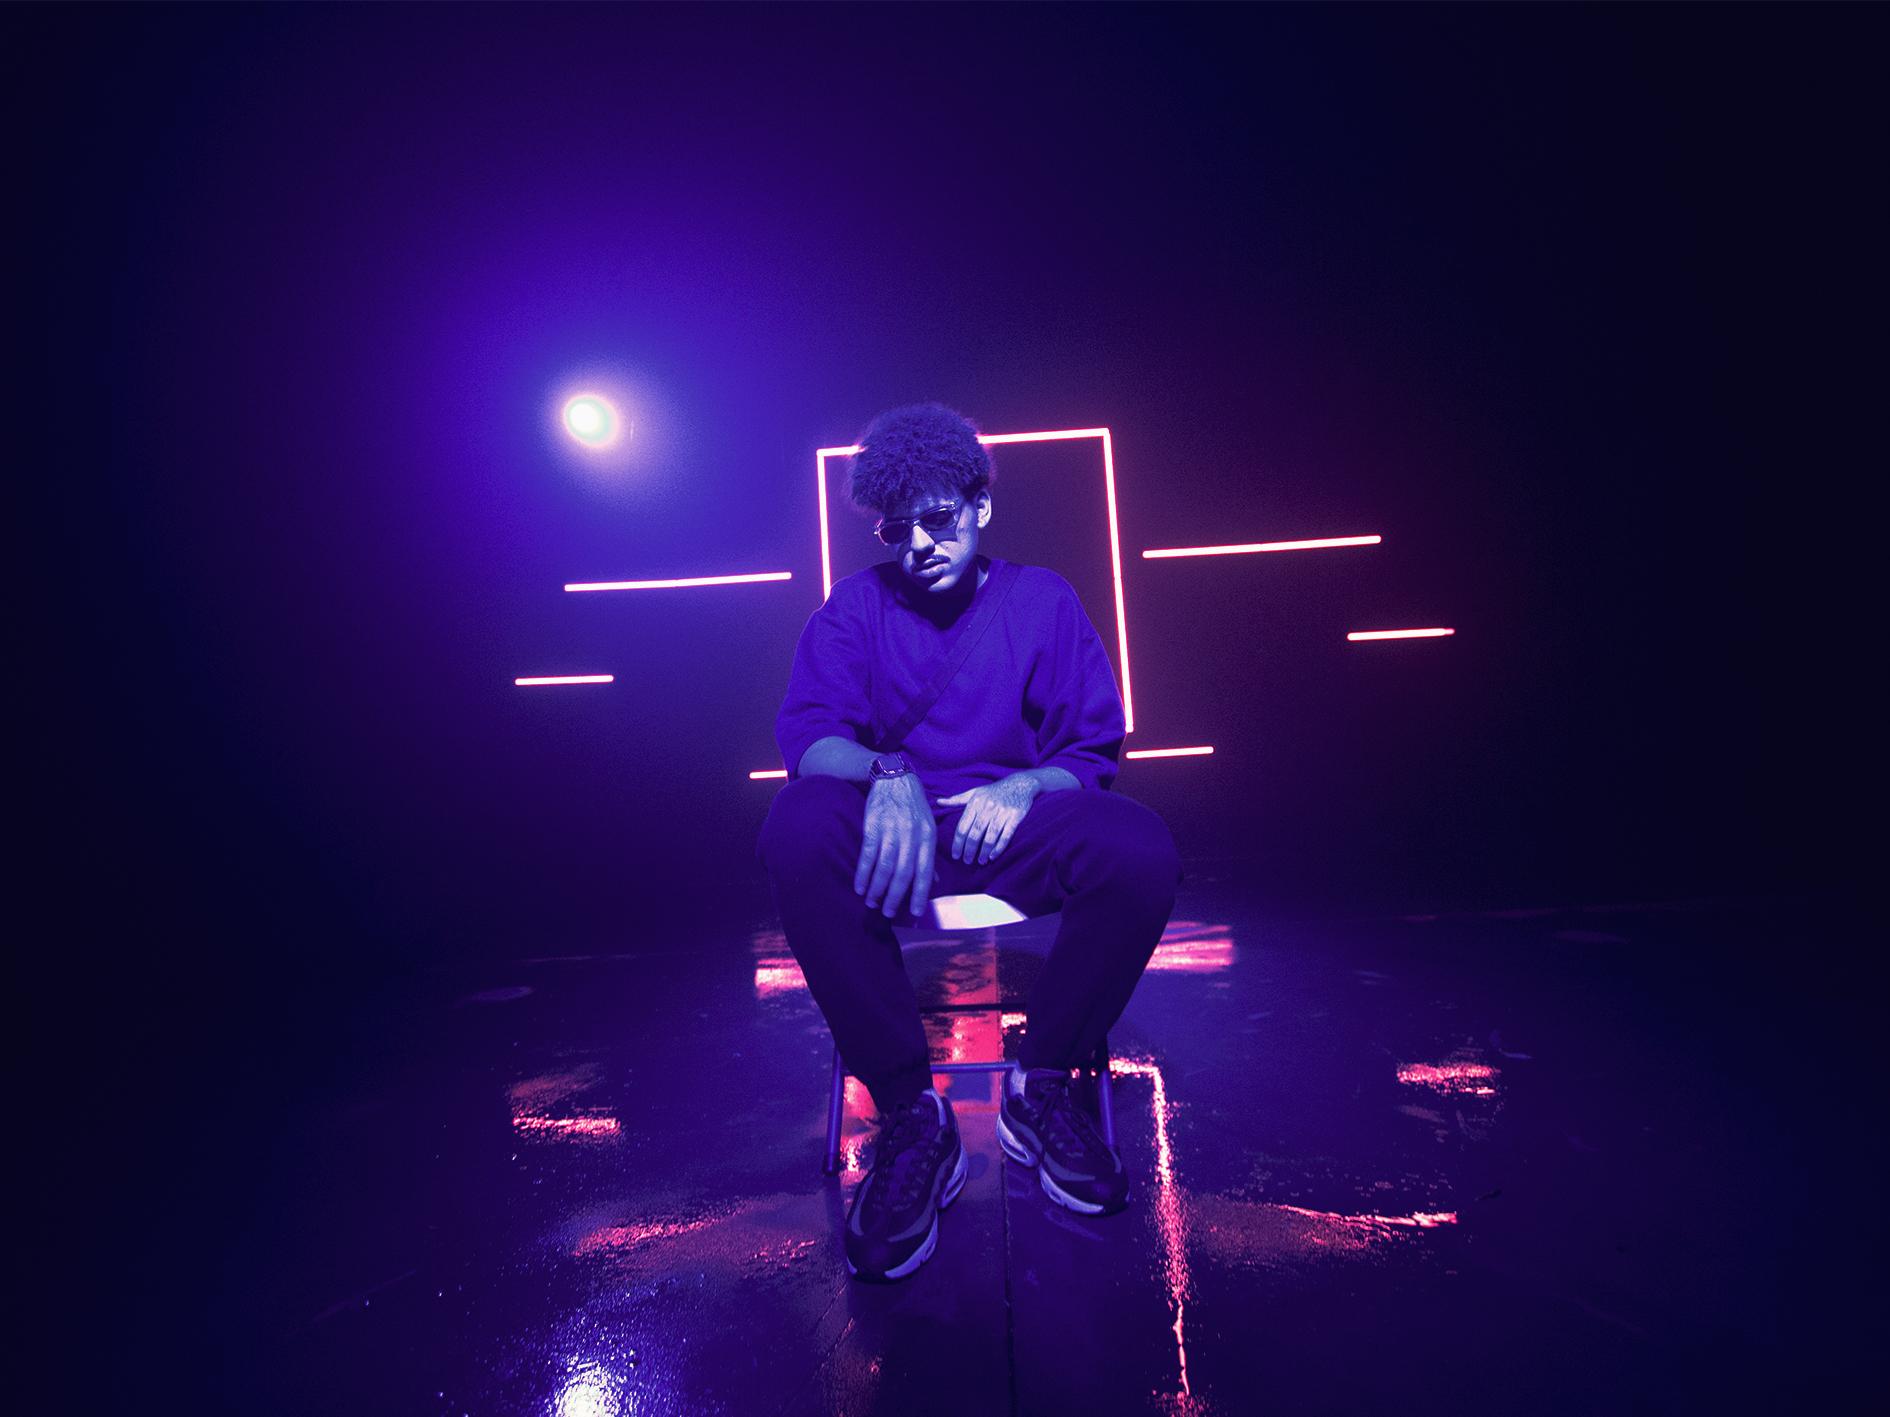 Visage Music lança o álbum Nocturnal em comemoração aos 6 anos de projeto